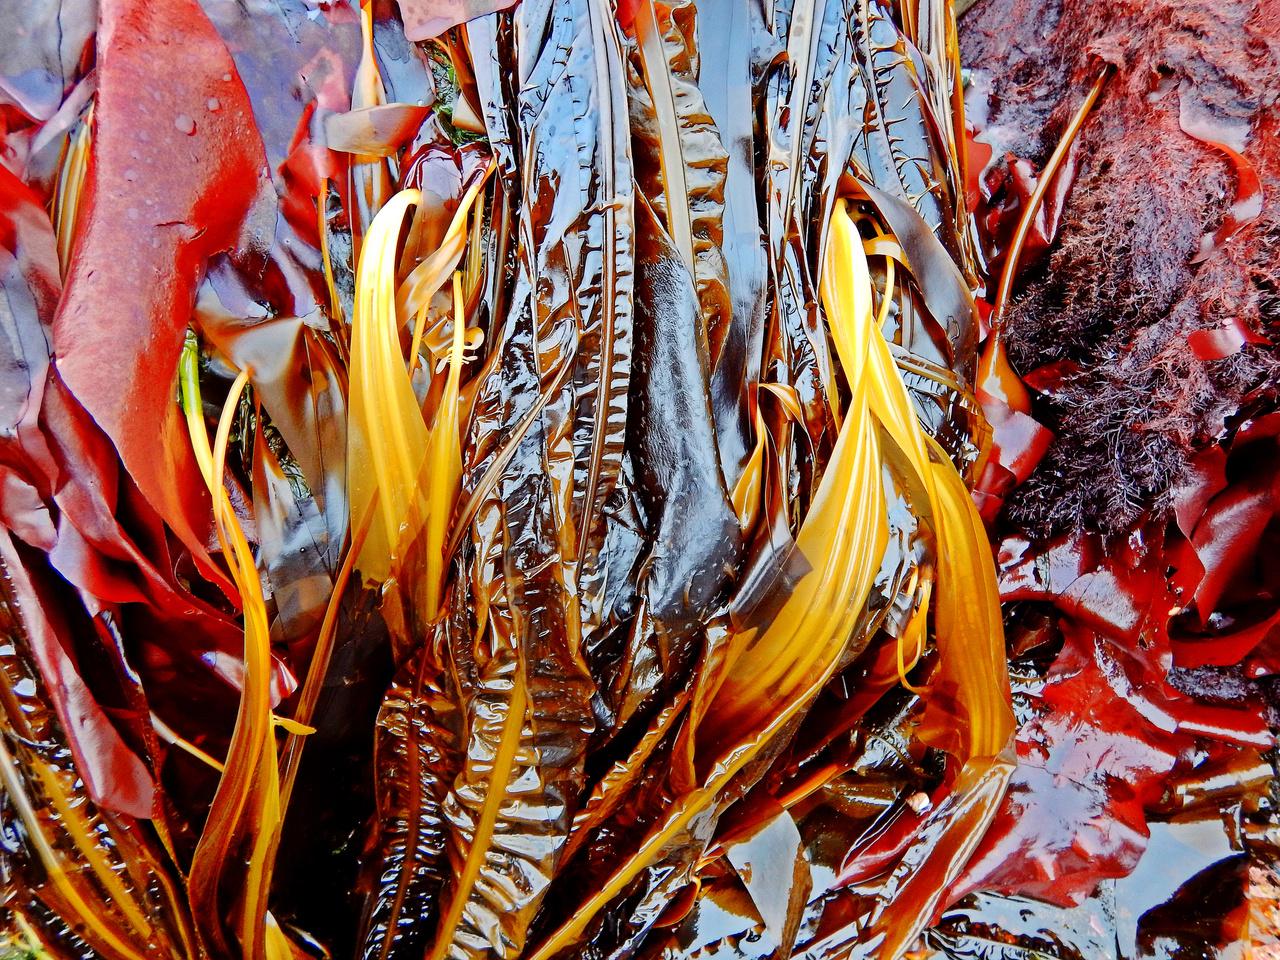 AKPeninsula_seaweeds_04-retouched.jpg